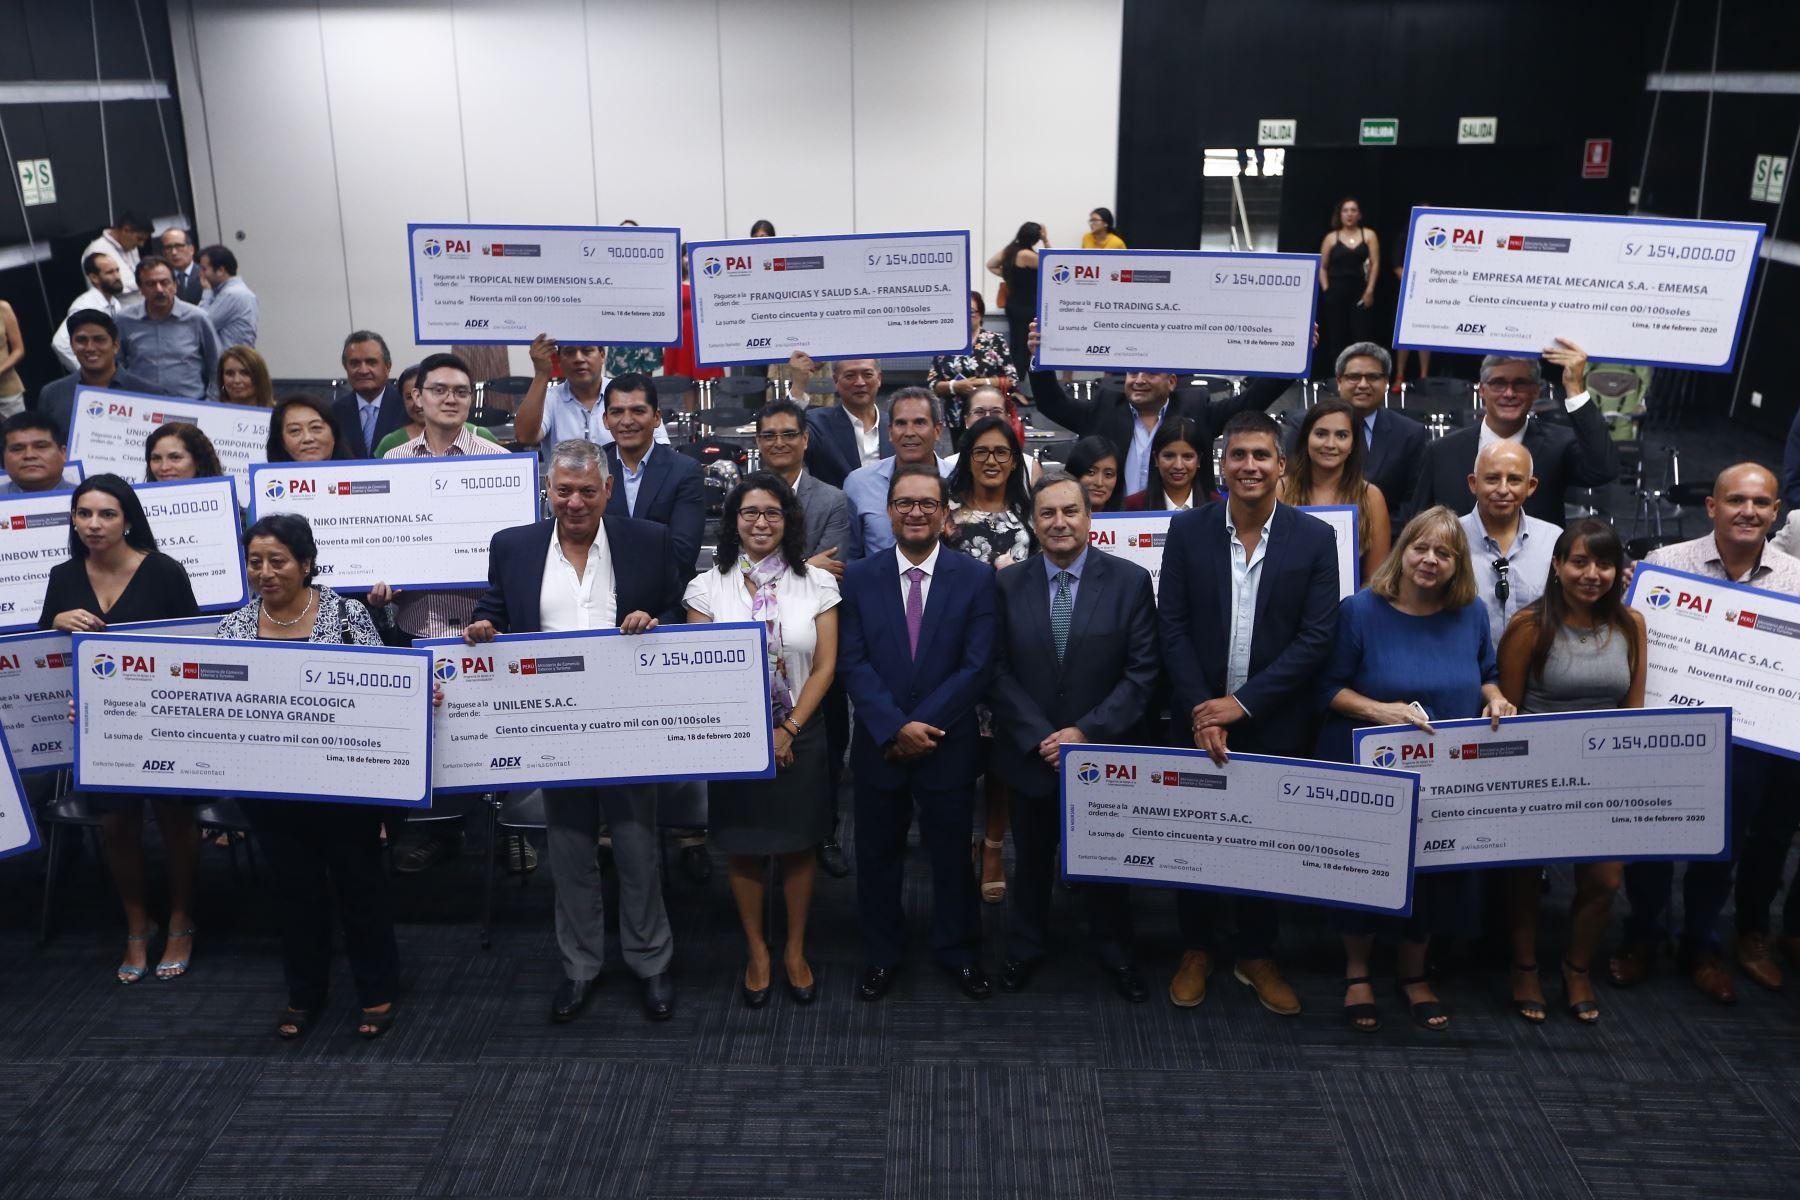 Al final del evento, los beneficiados posaron para la foto con sus respectivos cheques. Foto: ANDINA/Jhonel Rodríguez Robles